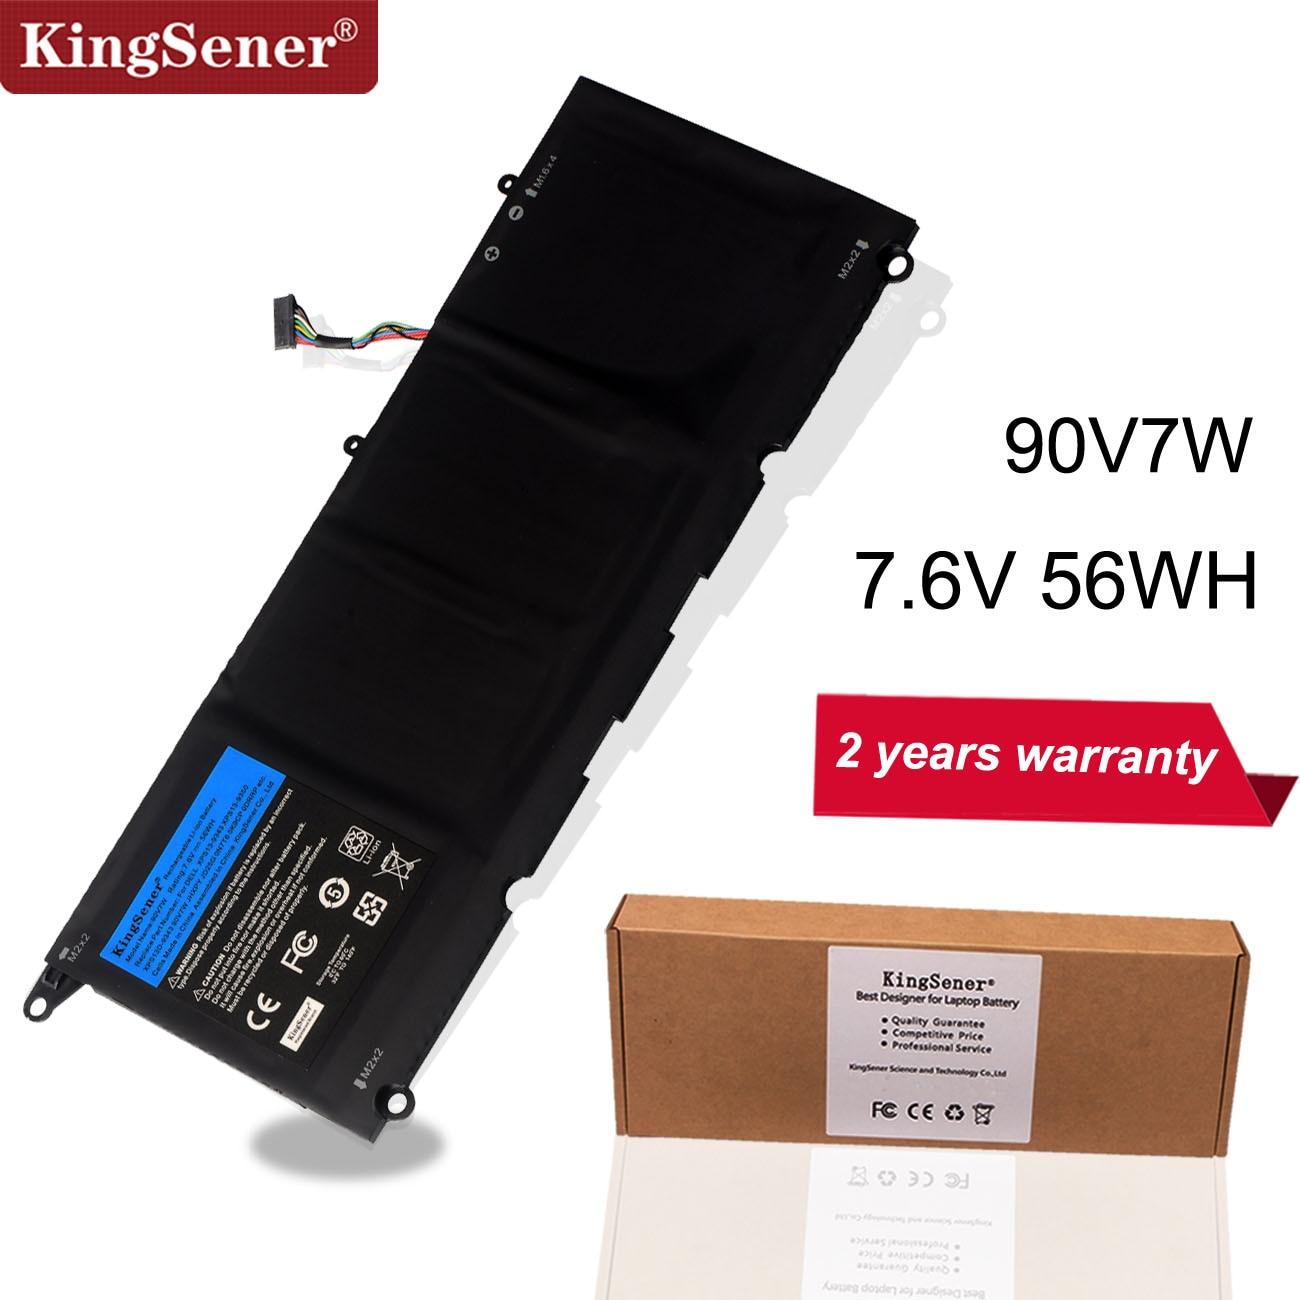 KingSener 90V7W JHXPY JD25G 090V7W Laptop Battery For Dell XPS 13 9343 XPS13 9350 13D-9343 0N7T6 5K9CP RWT1R 0DRRP 7.6V 56WH